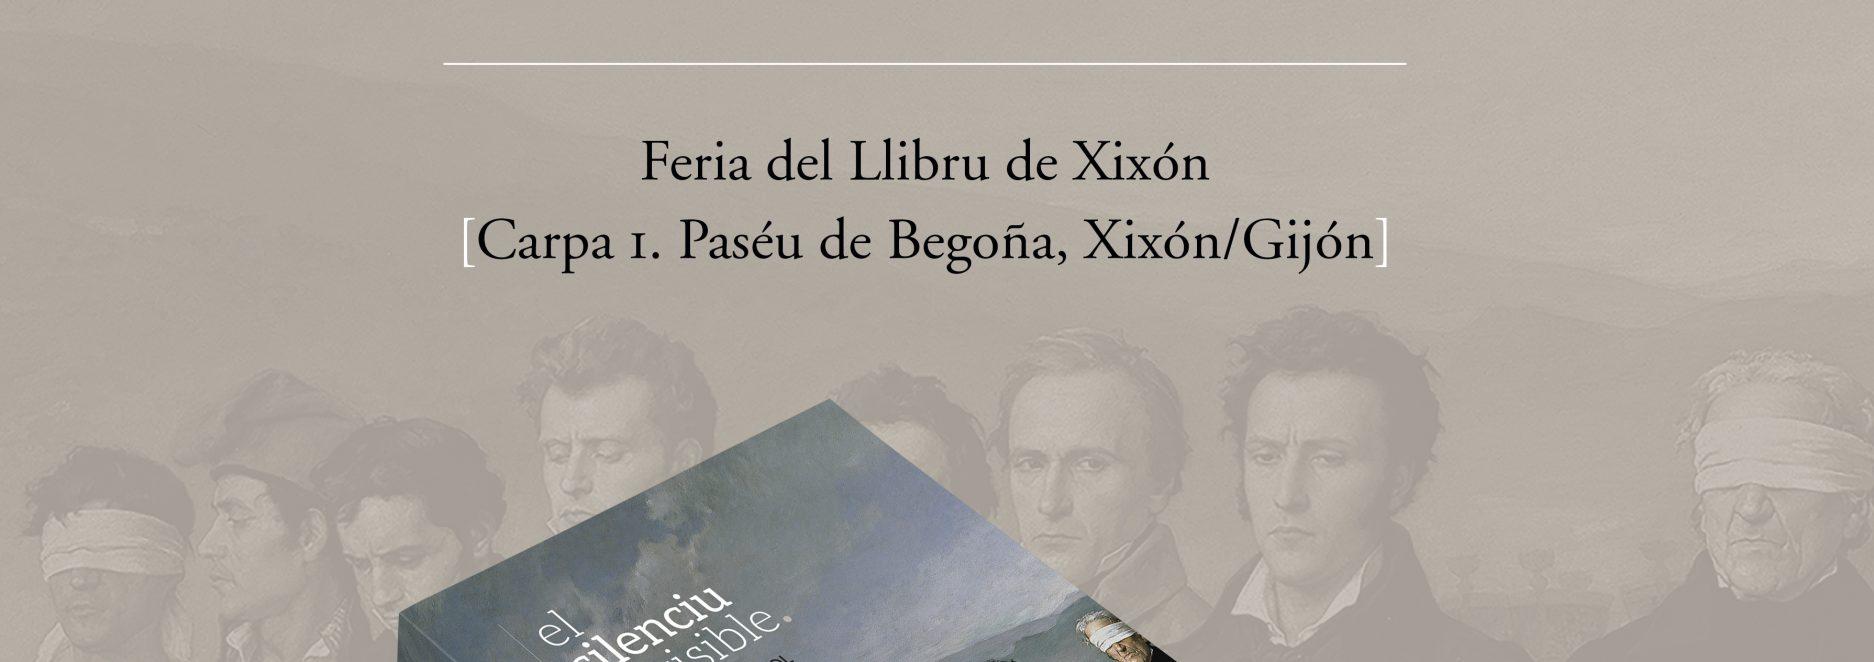 Cartel-Silenciu-XixonFelix